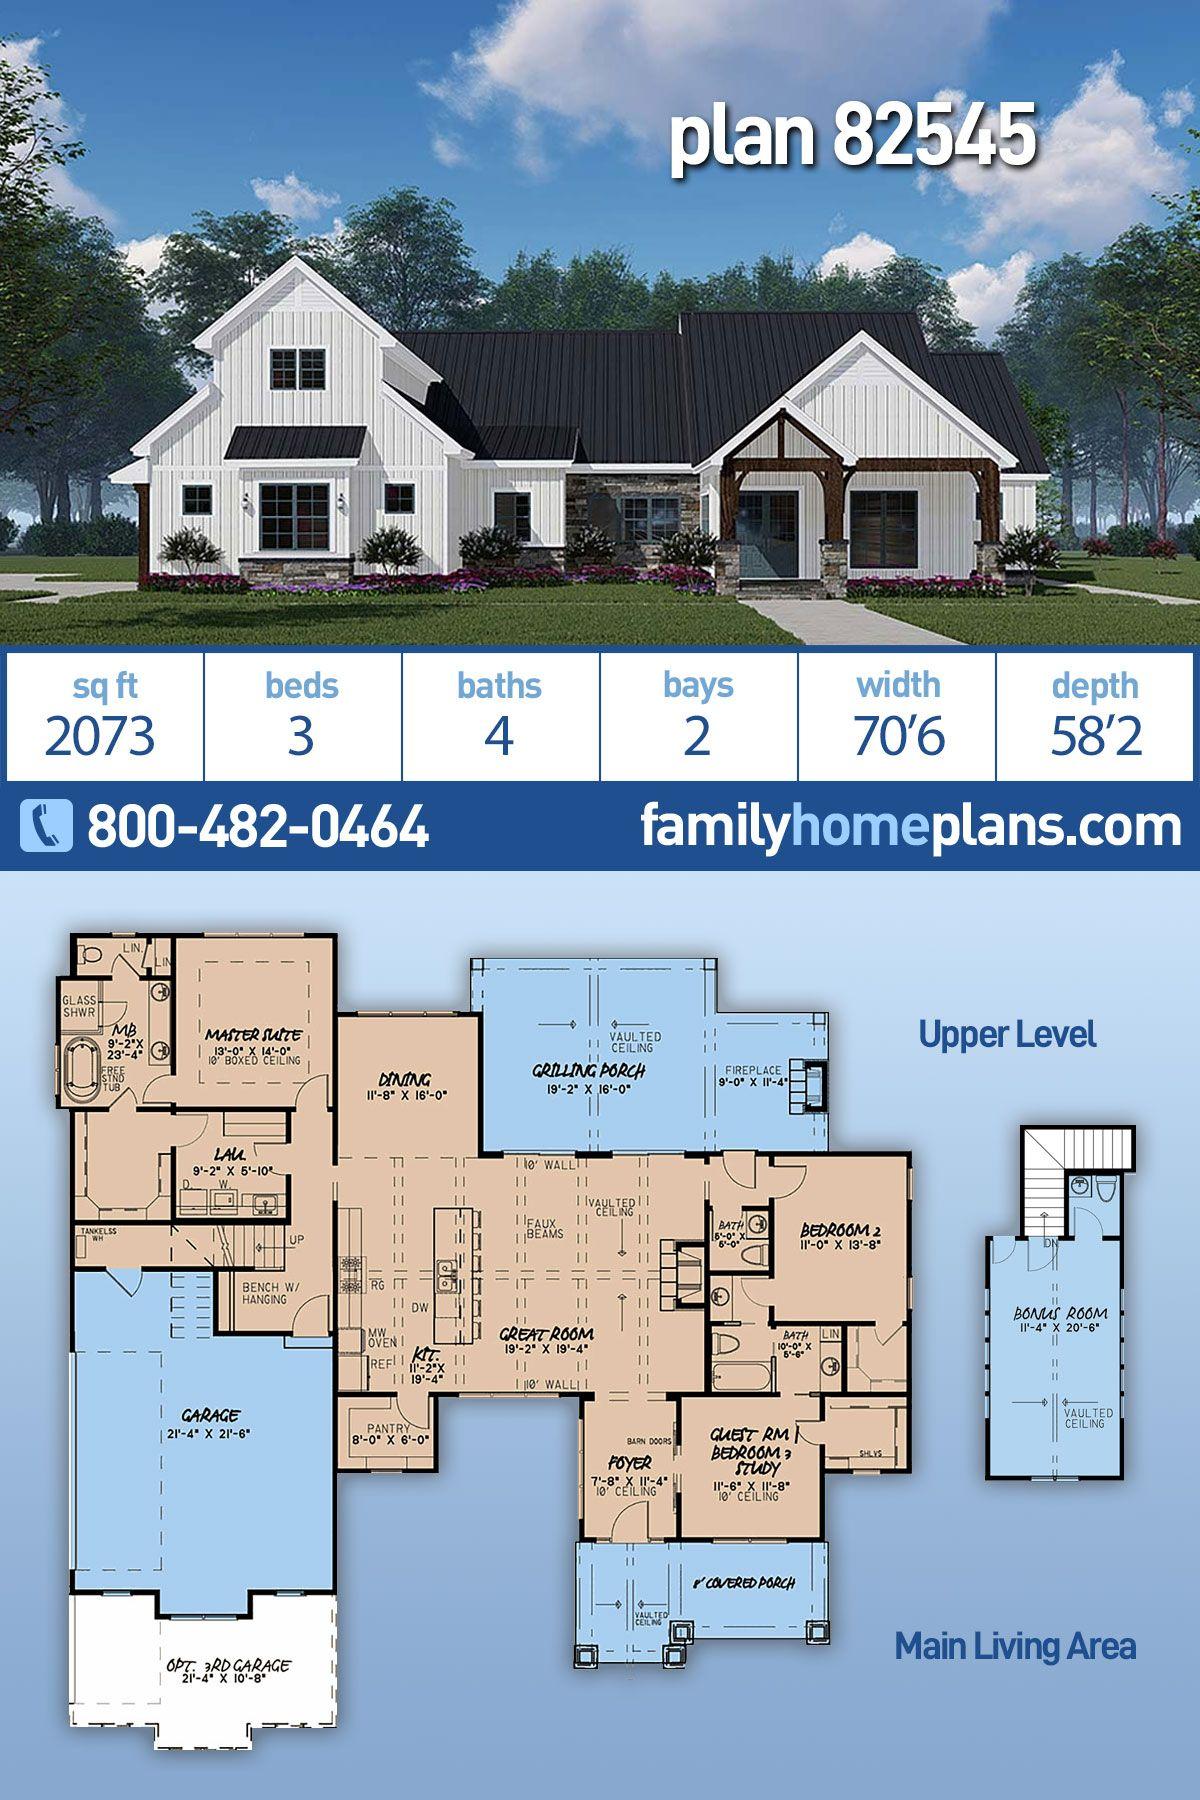 Farmhouse Style House Plan 82545 With 3 Bed 4 Bath 2 Car Garage Modern Style House Plans Beach House Plans Farmhouse Style House